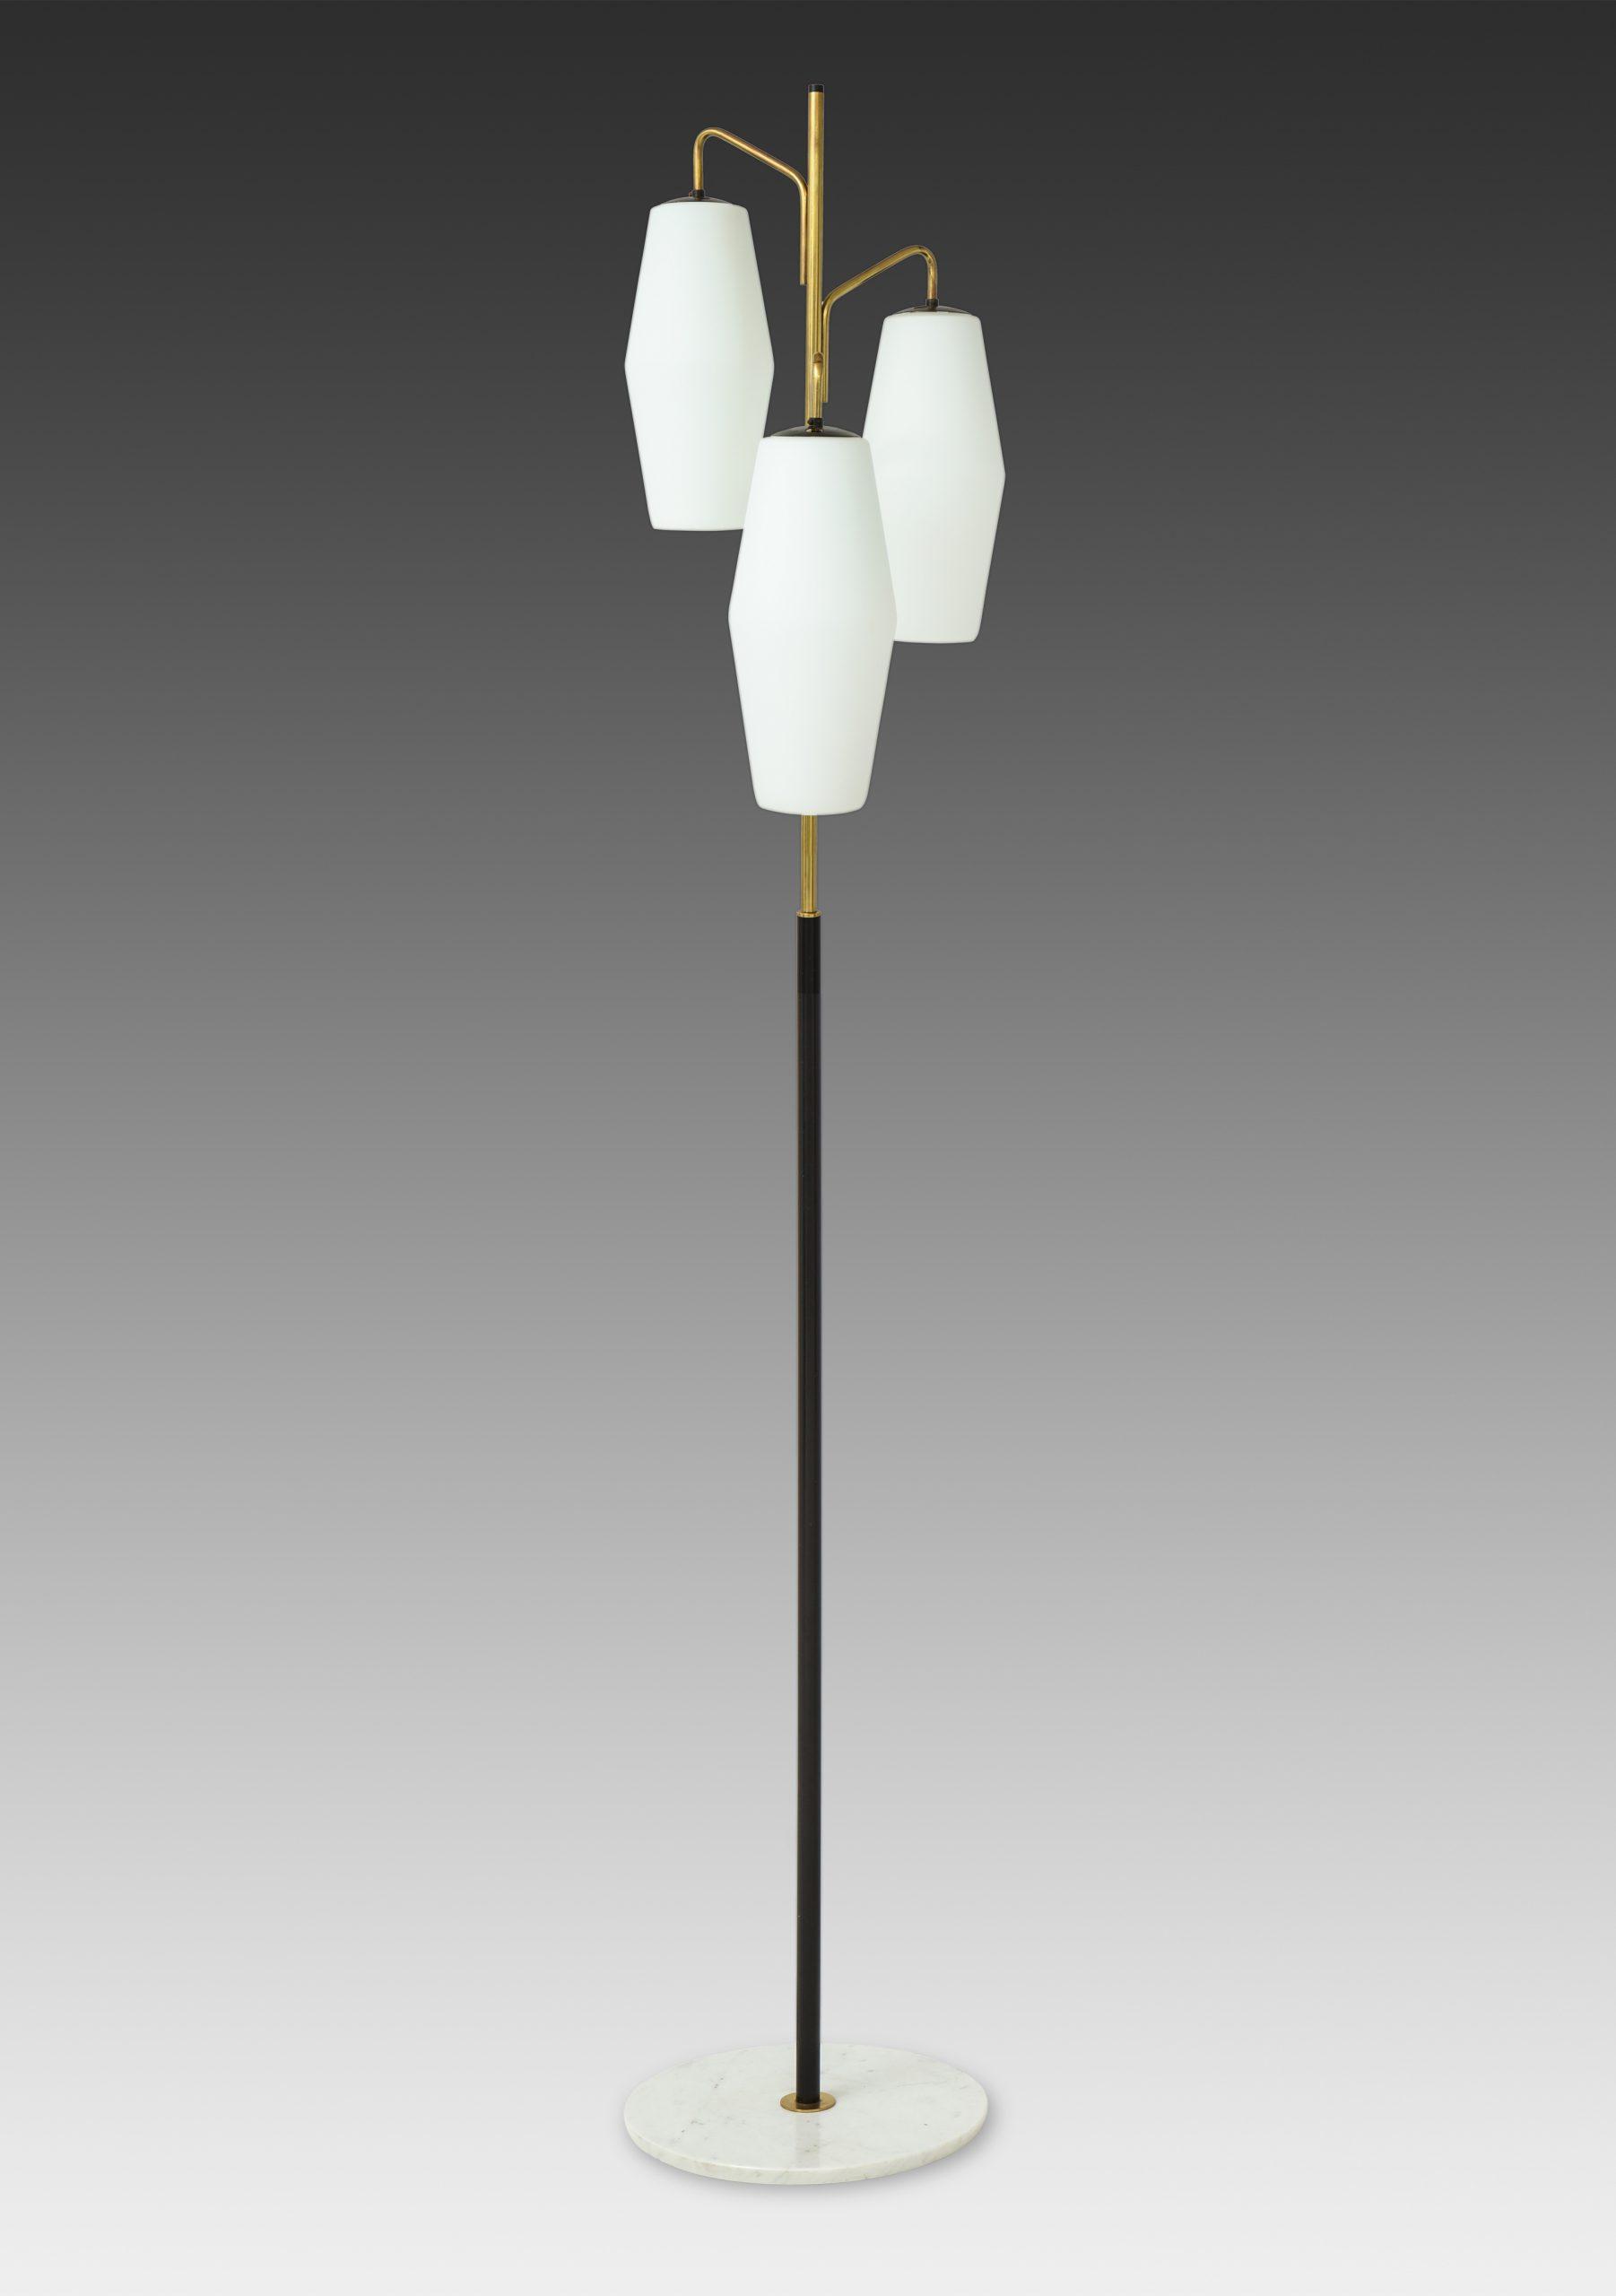 Floor Lamp Model 4052 by Stilnovo   soyun k.